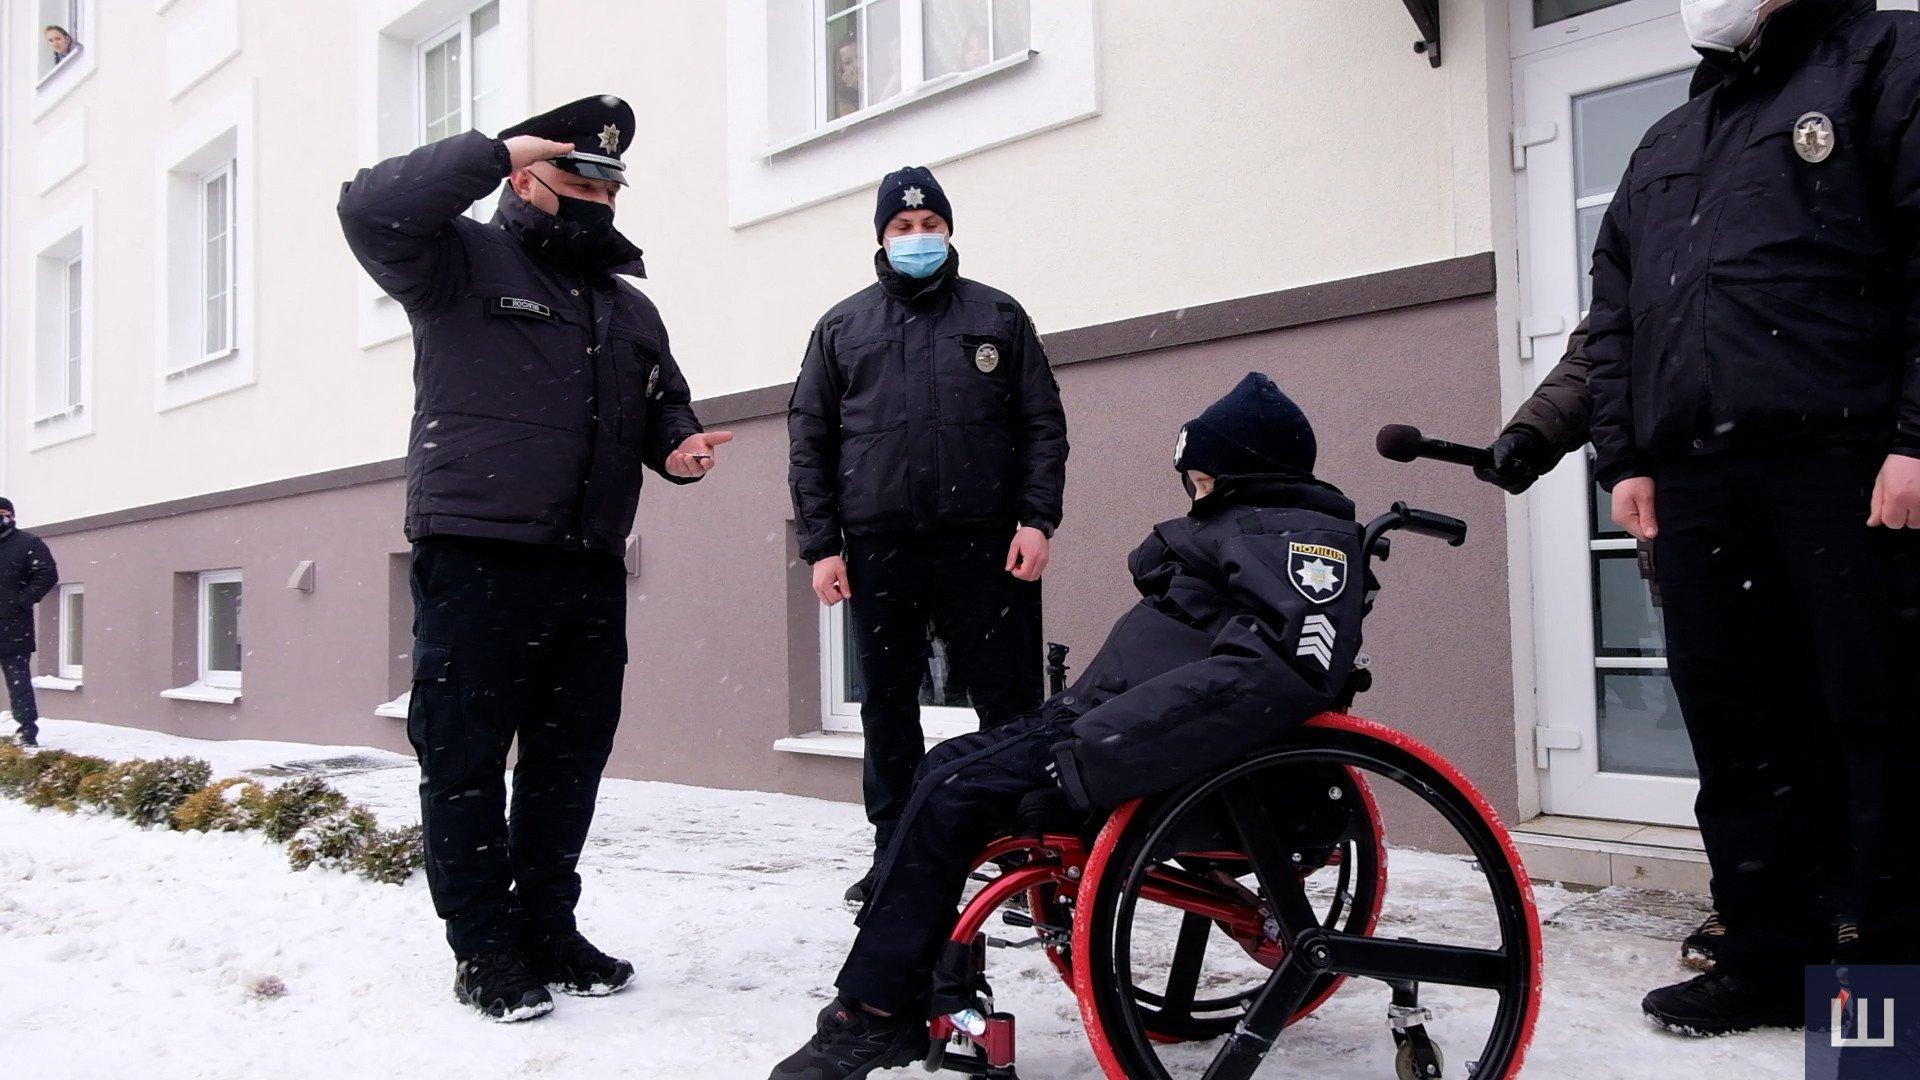 Осуществить заветную мечту: в Черновцах больного раком мальчика приняли в ряды полиции (ФОТО, ВИДЕО) - фото 3